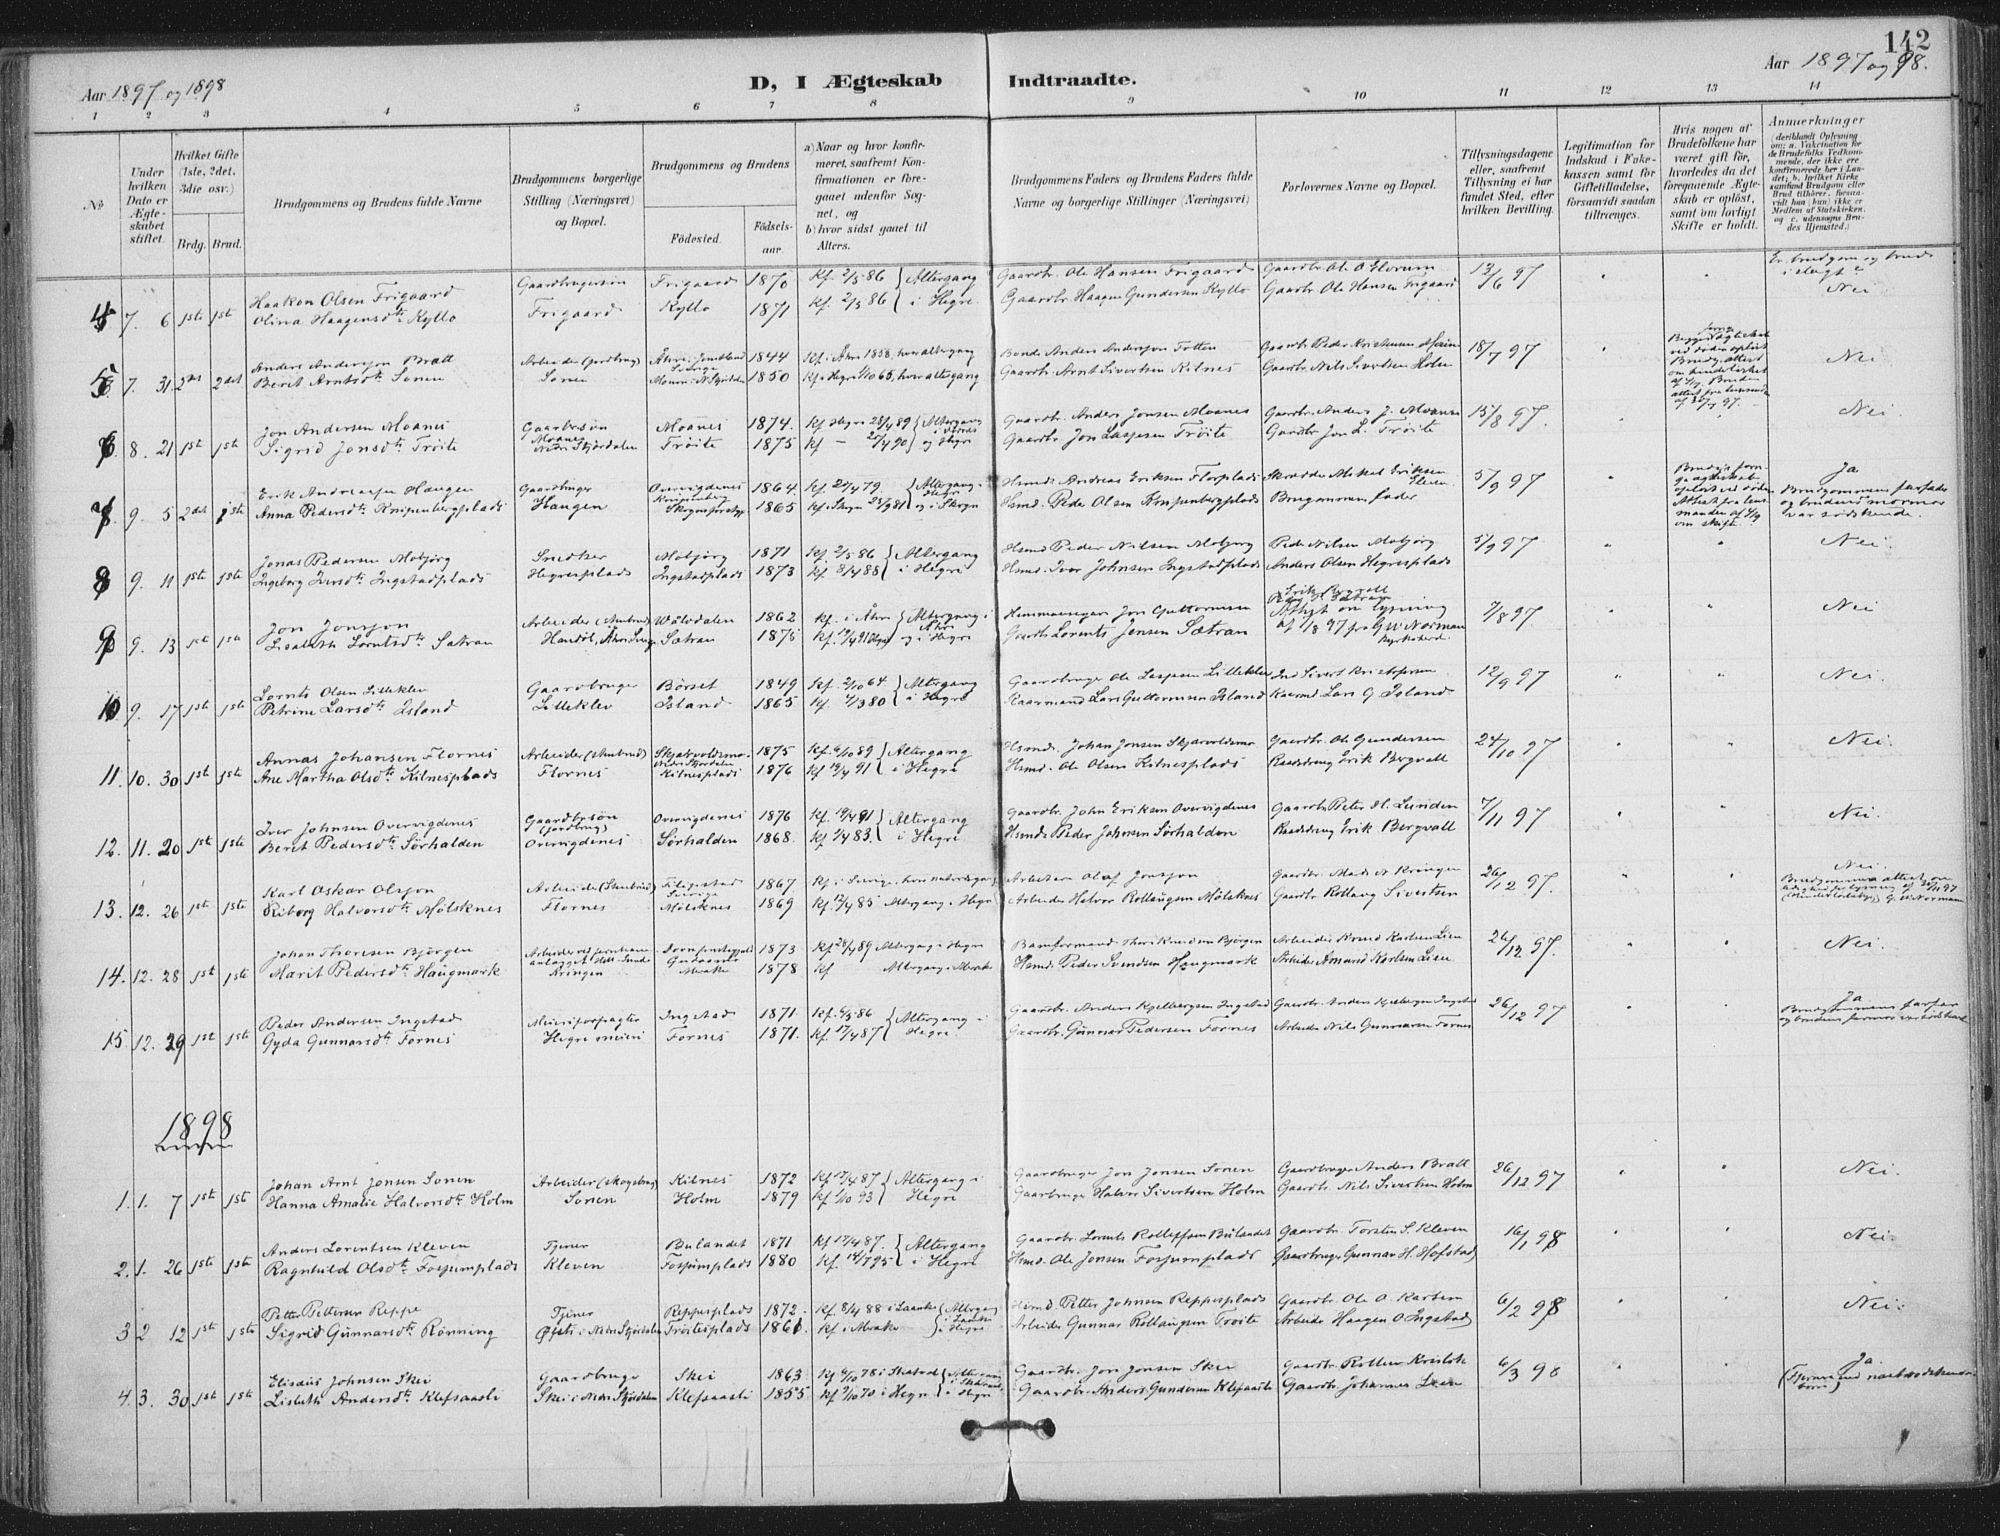 SAT, Ministerialprotokoller, klokkerbøker og fødselsregistre - Nord-Trøndelag, 703/L0031: Ministerialbok nr. 703A04, 1893-1914, s. 142